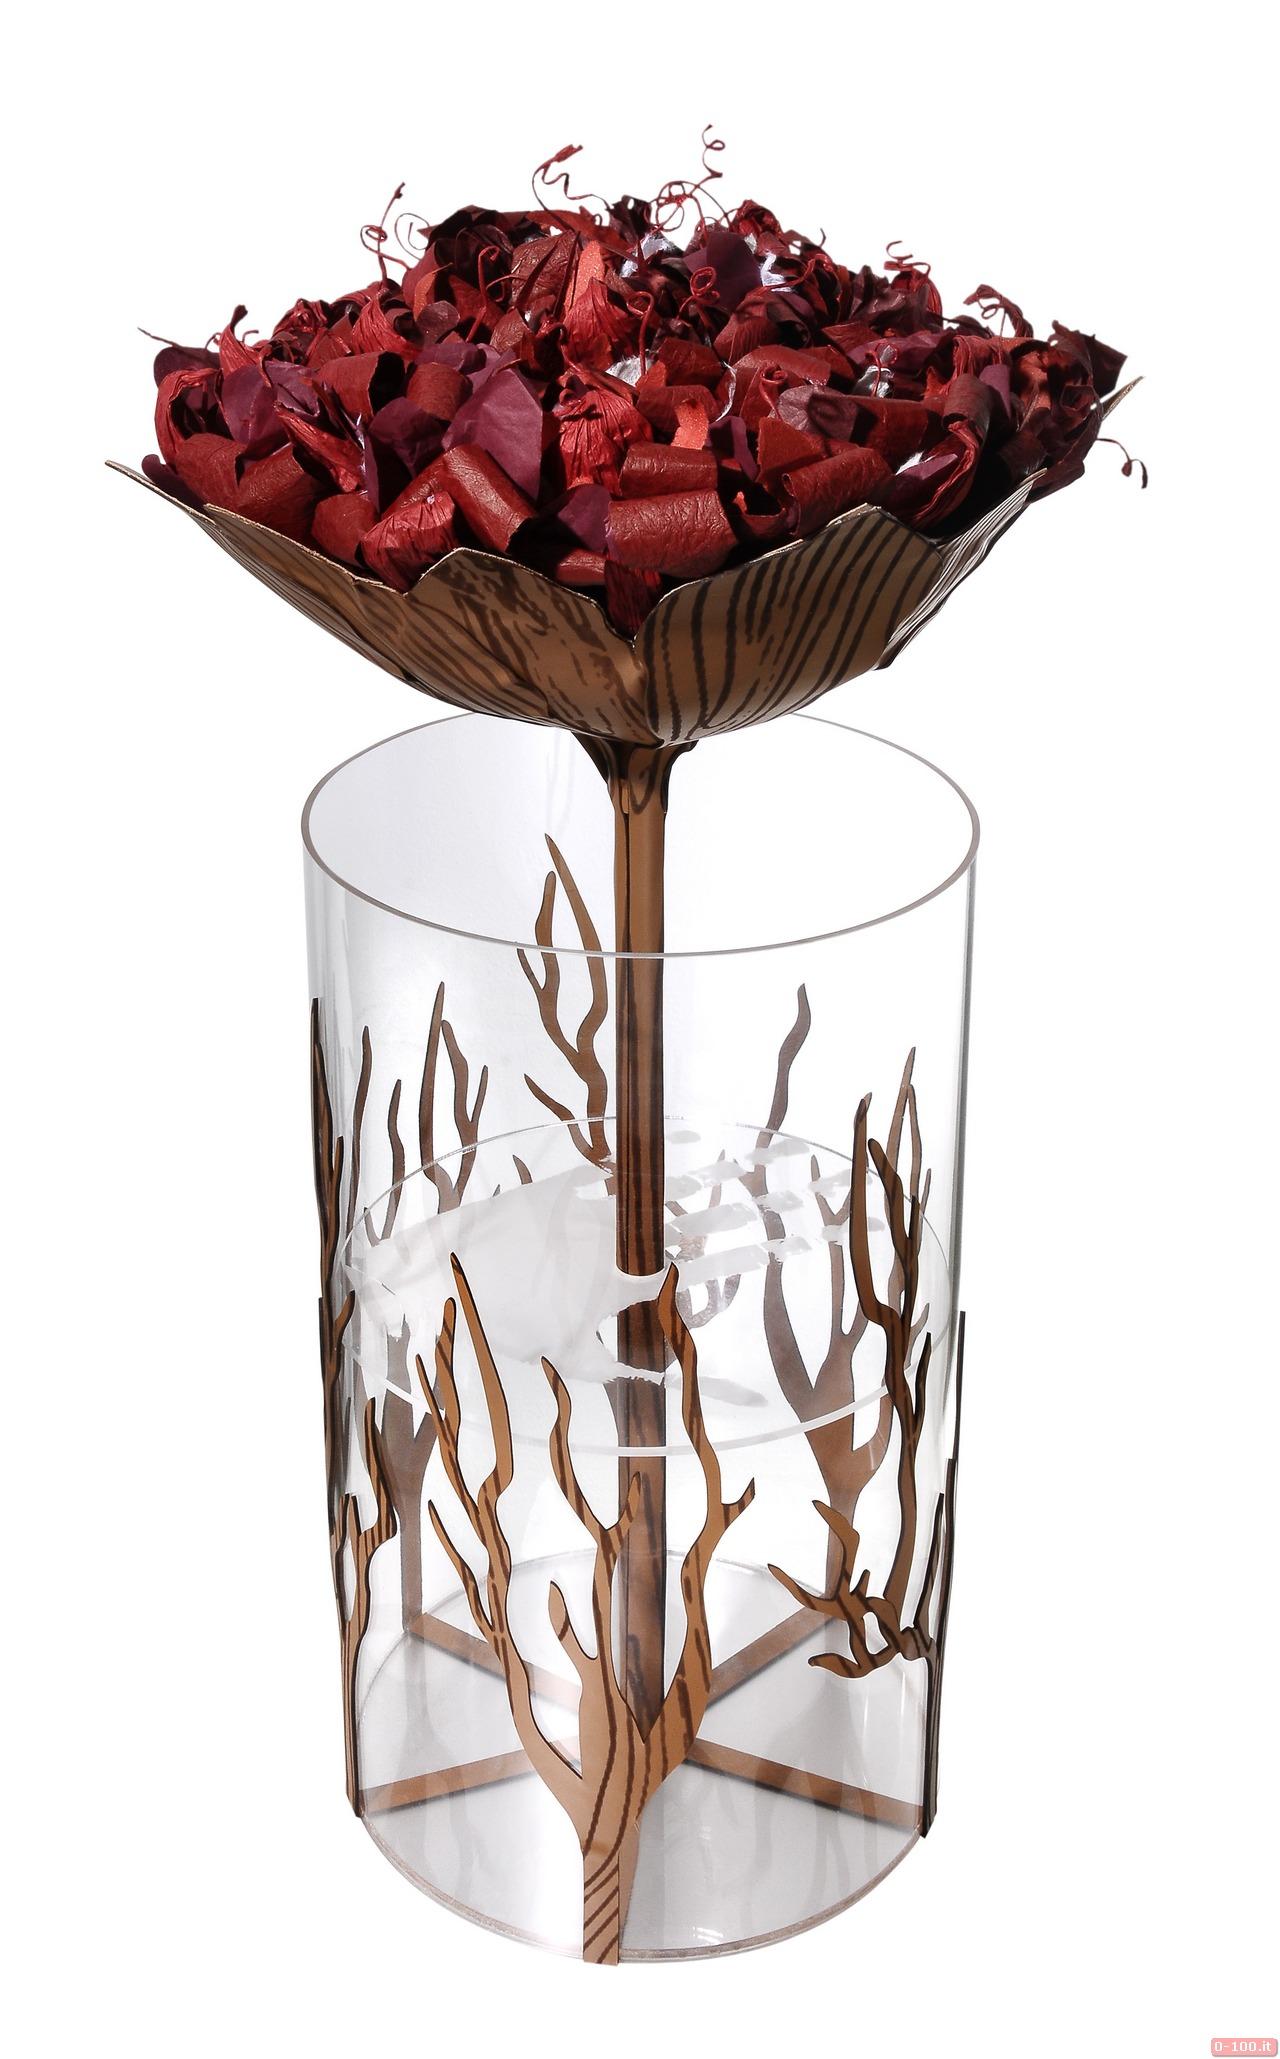 Blooming Creativity_Manus et Ars Naturam Exaltant - Nicoletta Saracco_.Van Cleef & Arpels_0-100 1